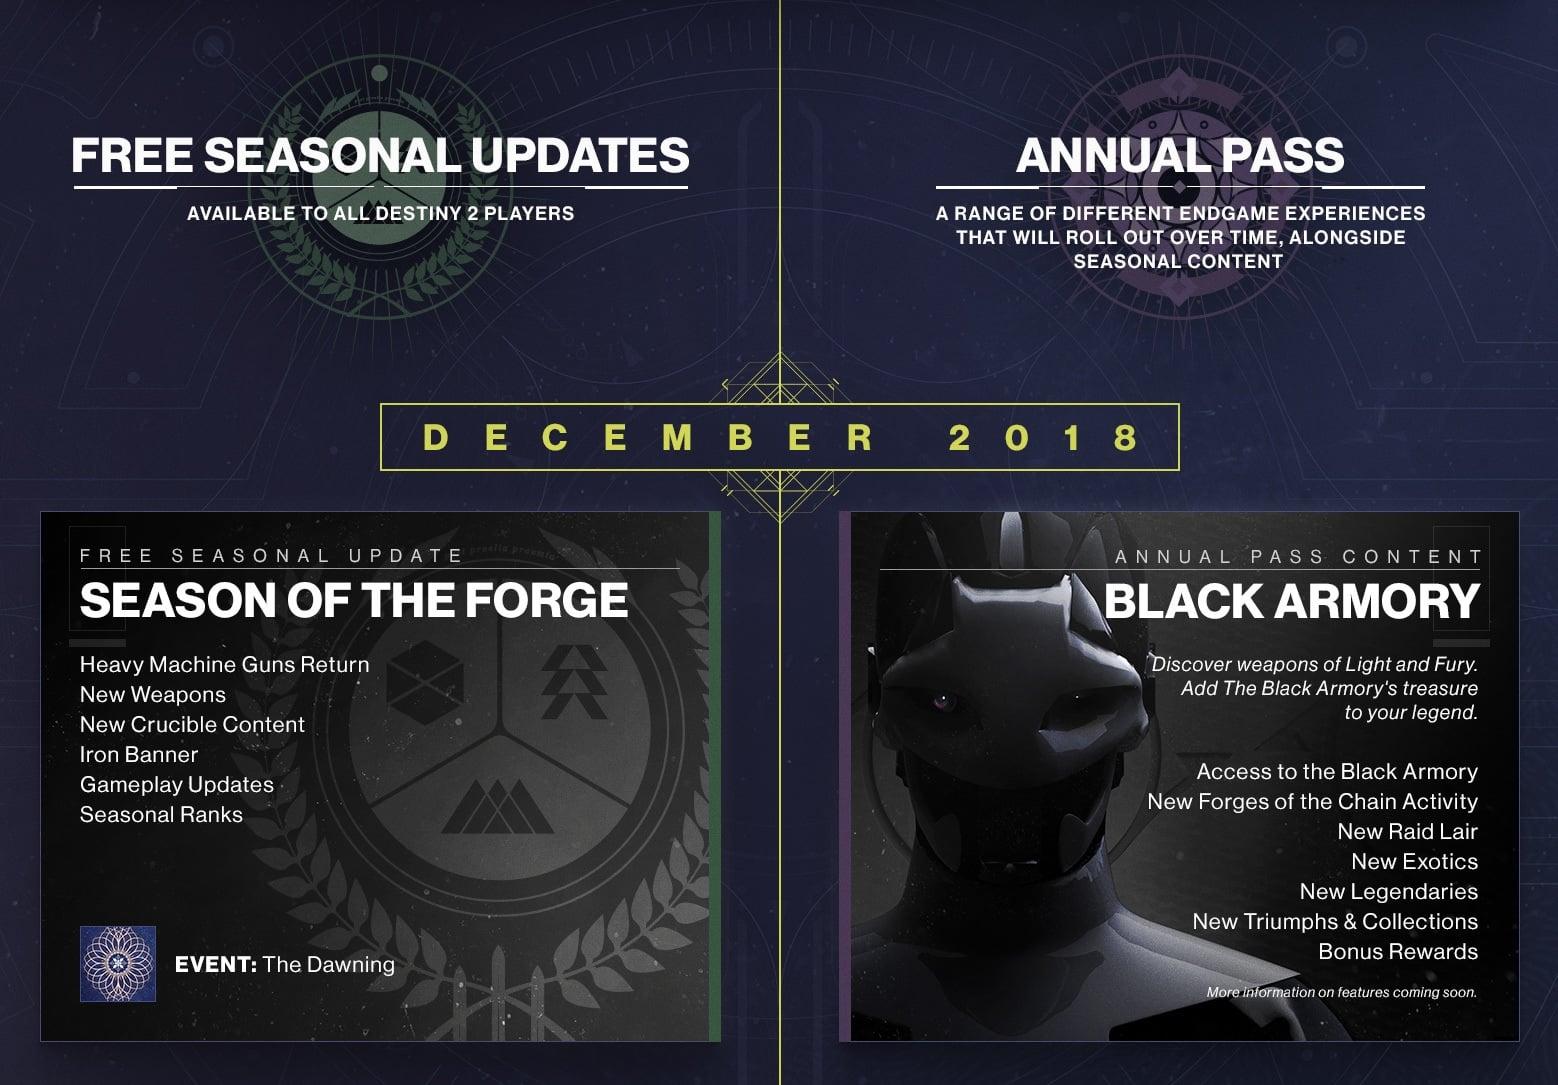 Destiny 2 - Forsaken Achievement List Revealed